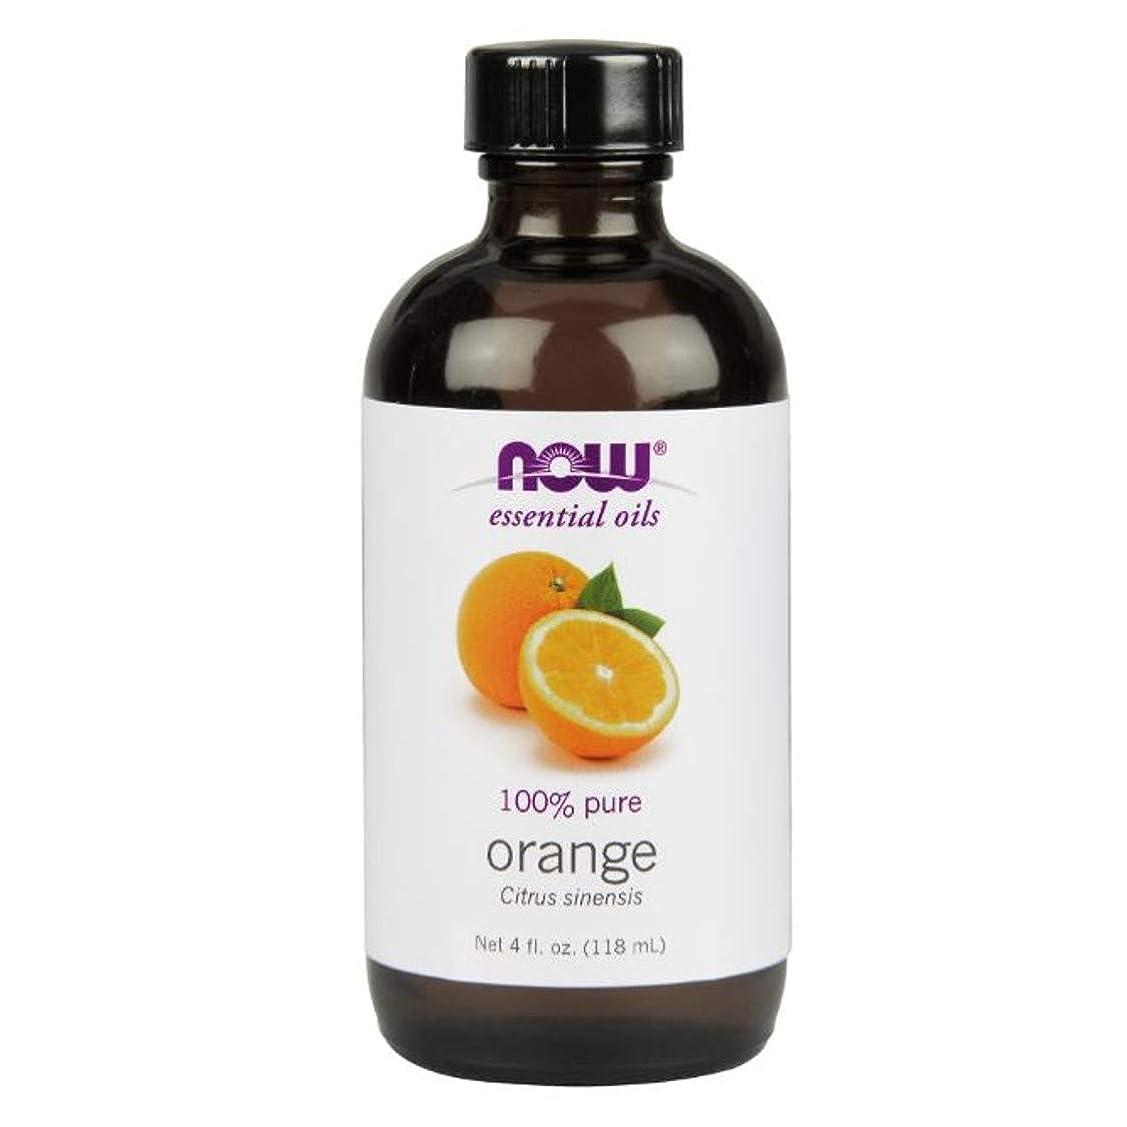 のり警官唯物論Now - Orange Oil 100% Pure 4 oz (118 ml) [並行輸入品]